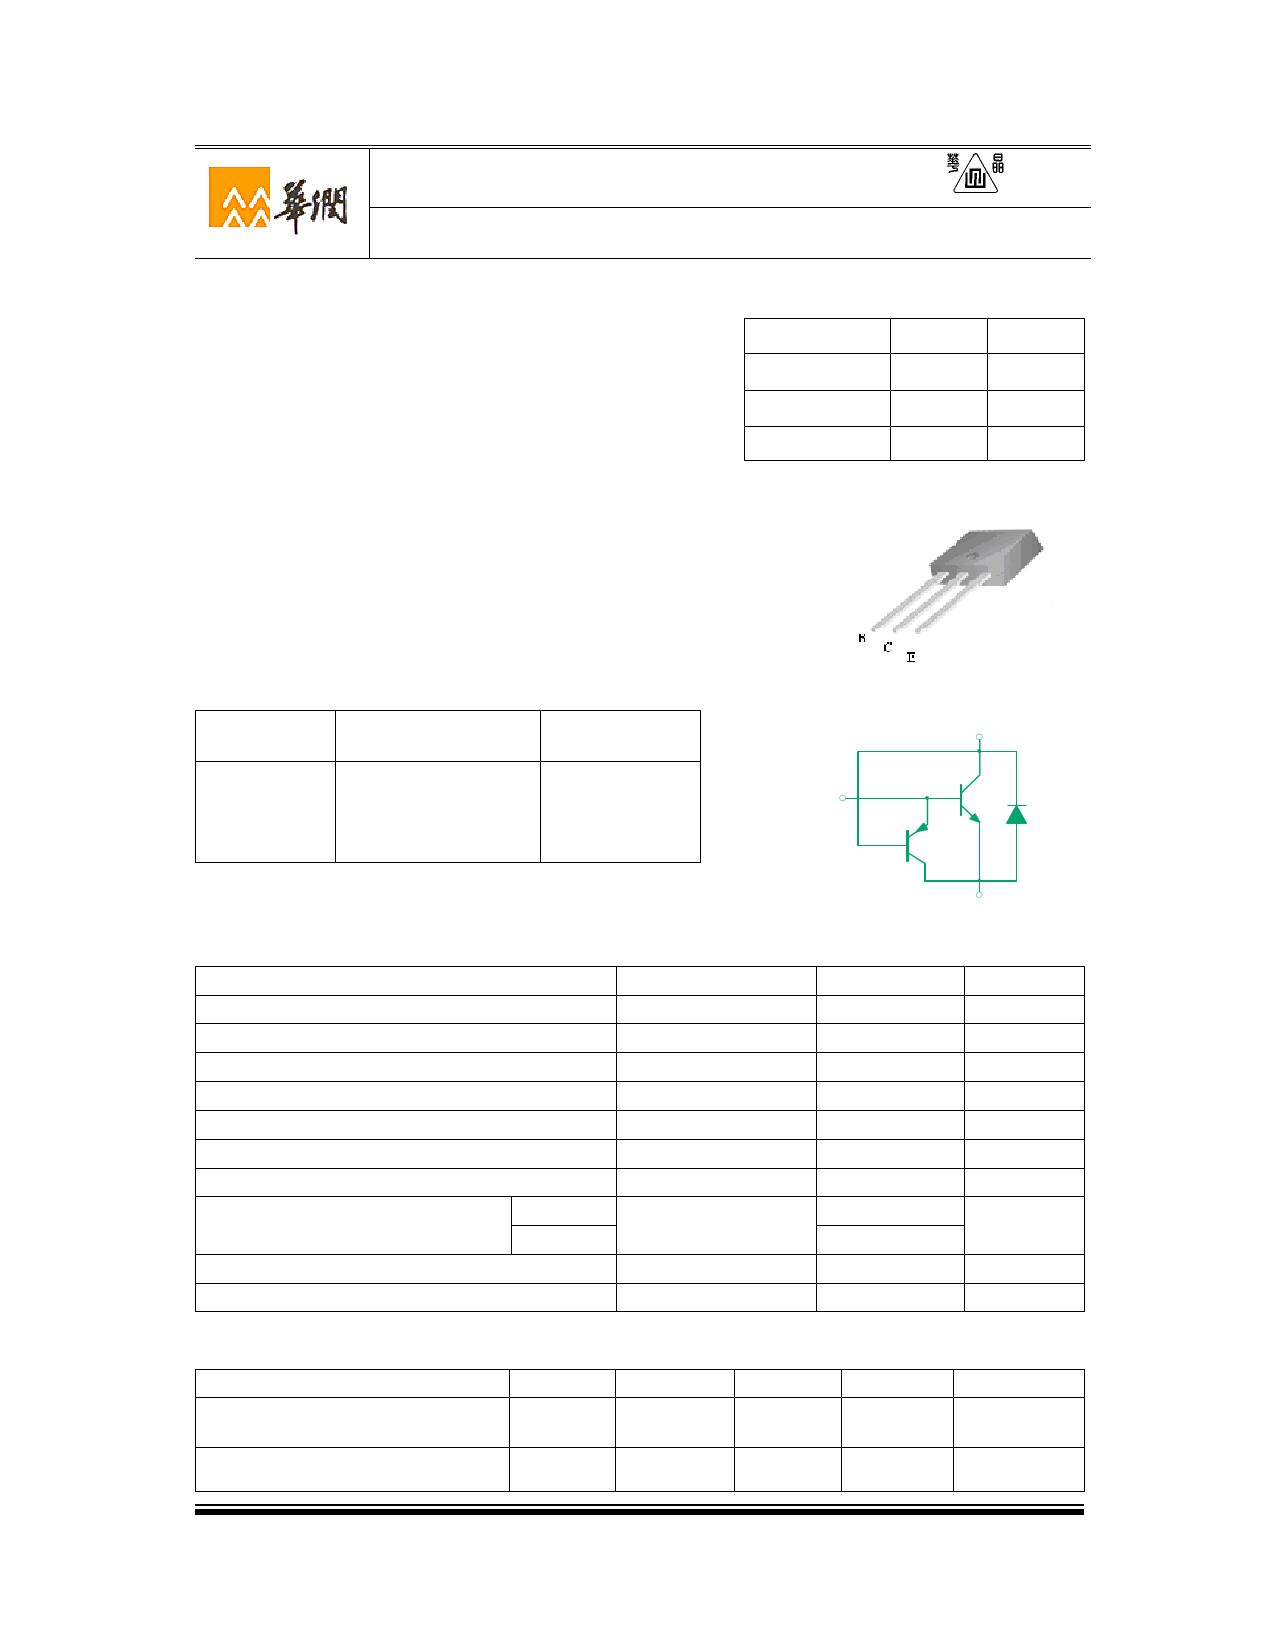 3DD127D3 Datasheet, 3DD127D3 PDF,ピン配置, 機能